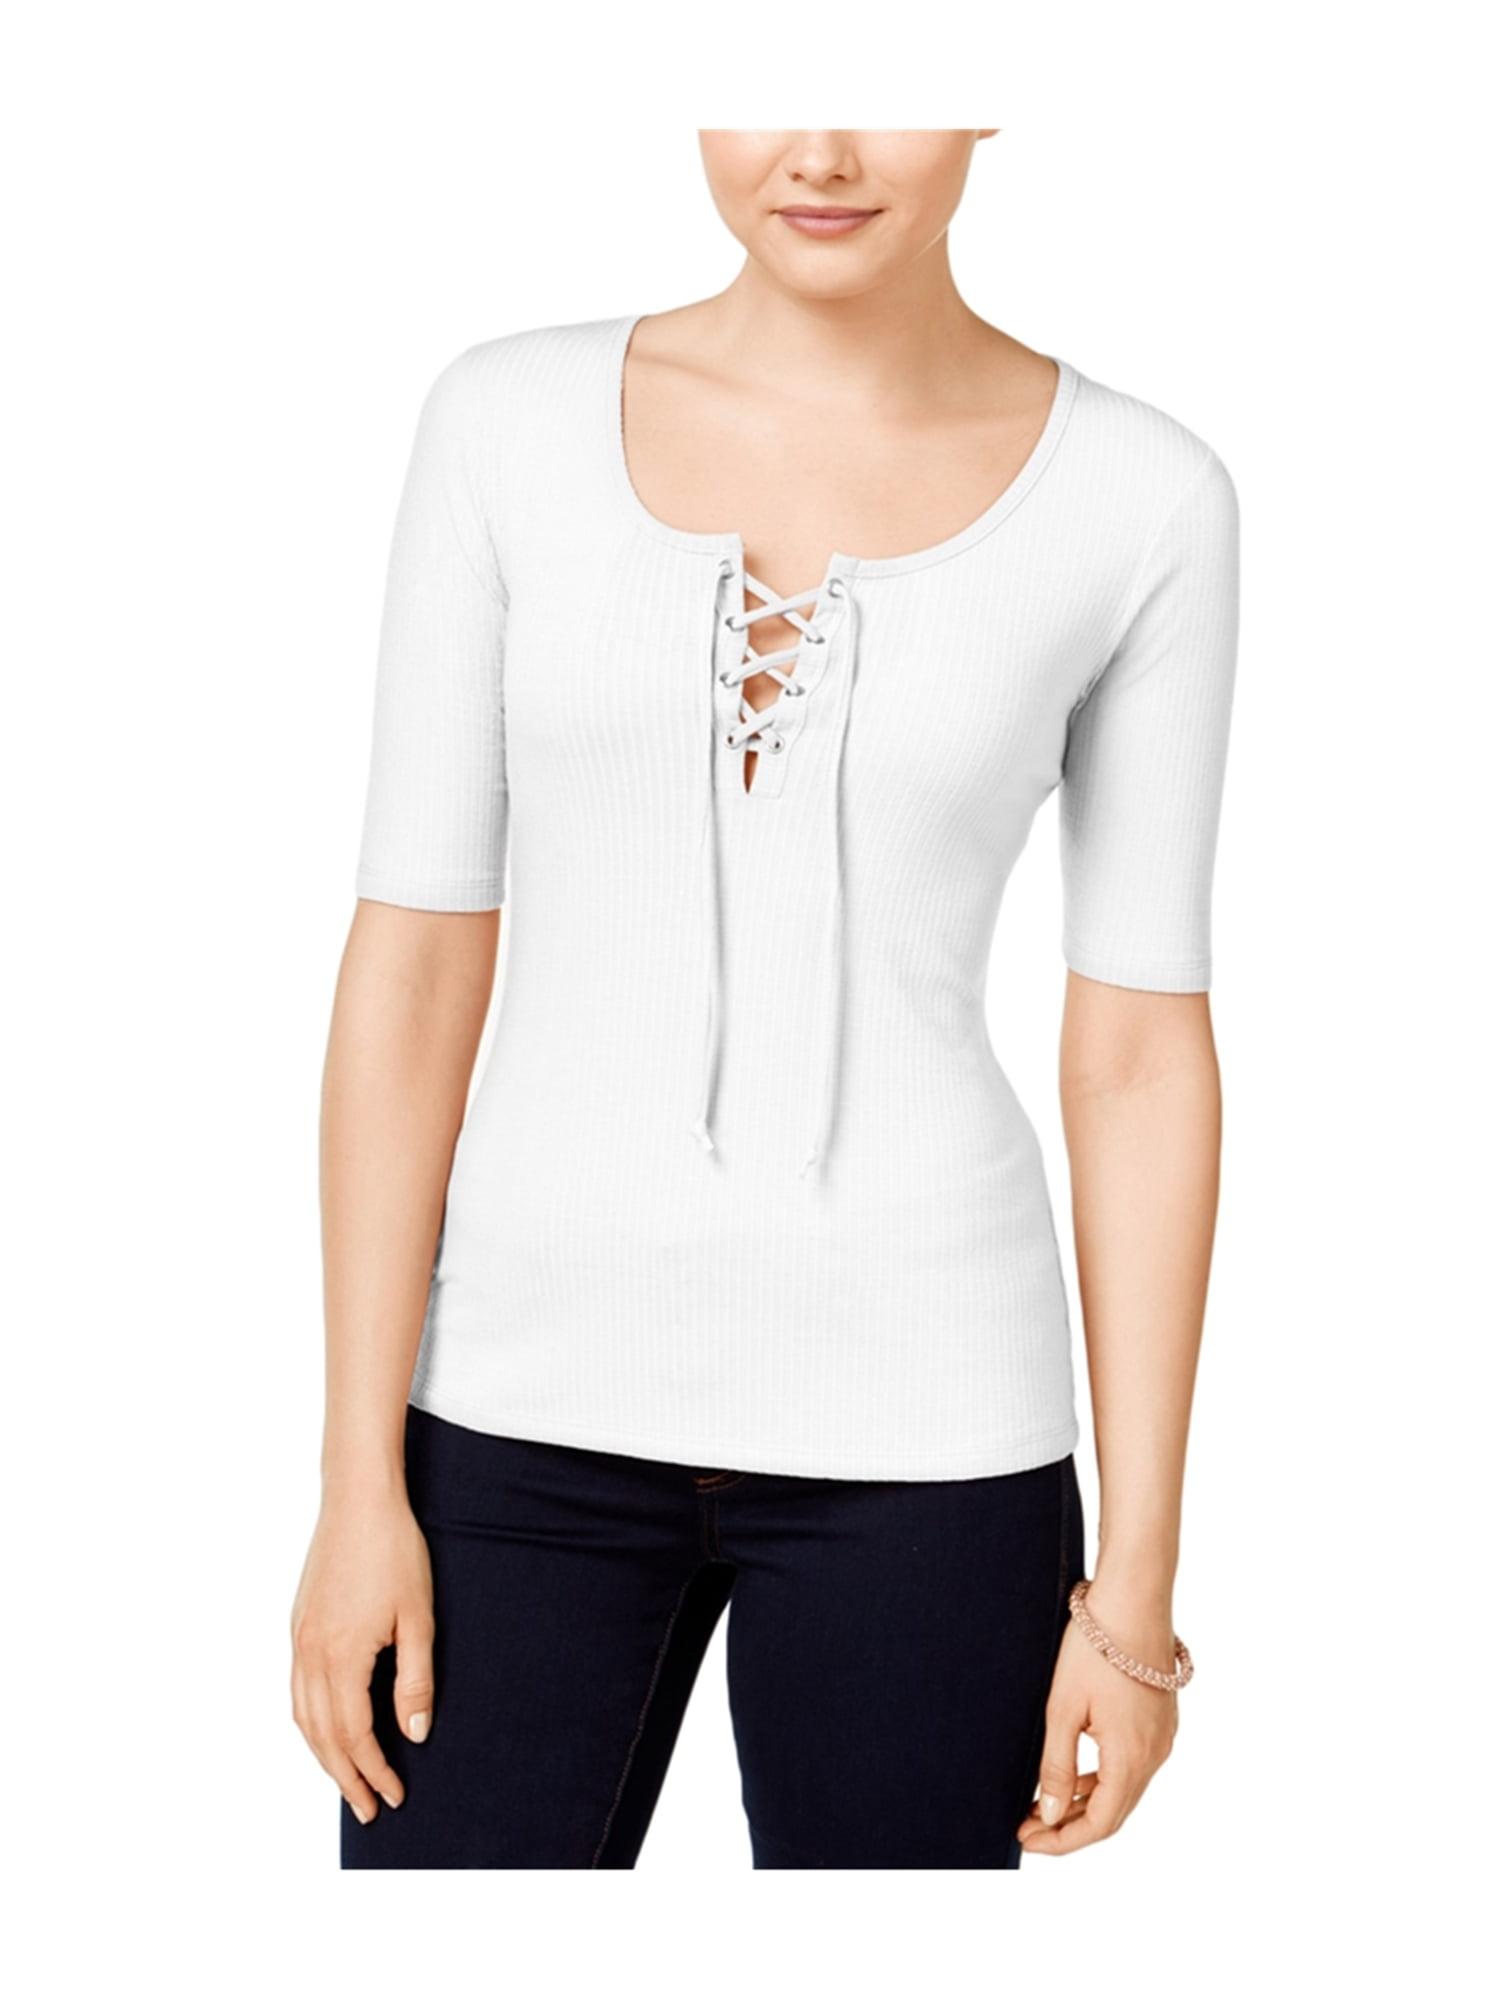 Ultra Flirt Womens Rib-Knit lace-Up Graphic T-Shirt oathea XL - Juniors ac3a26d5d